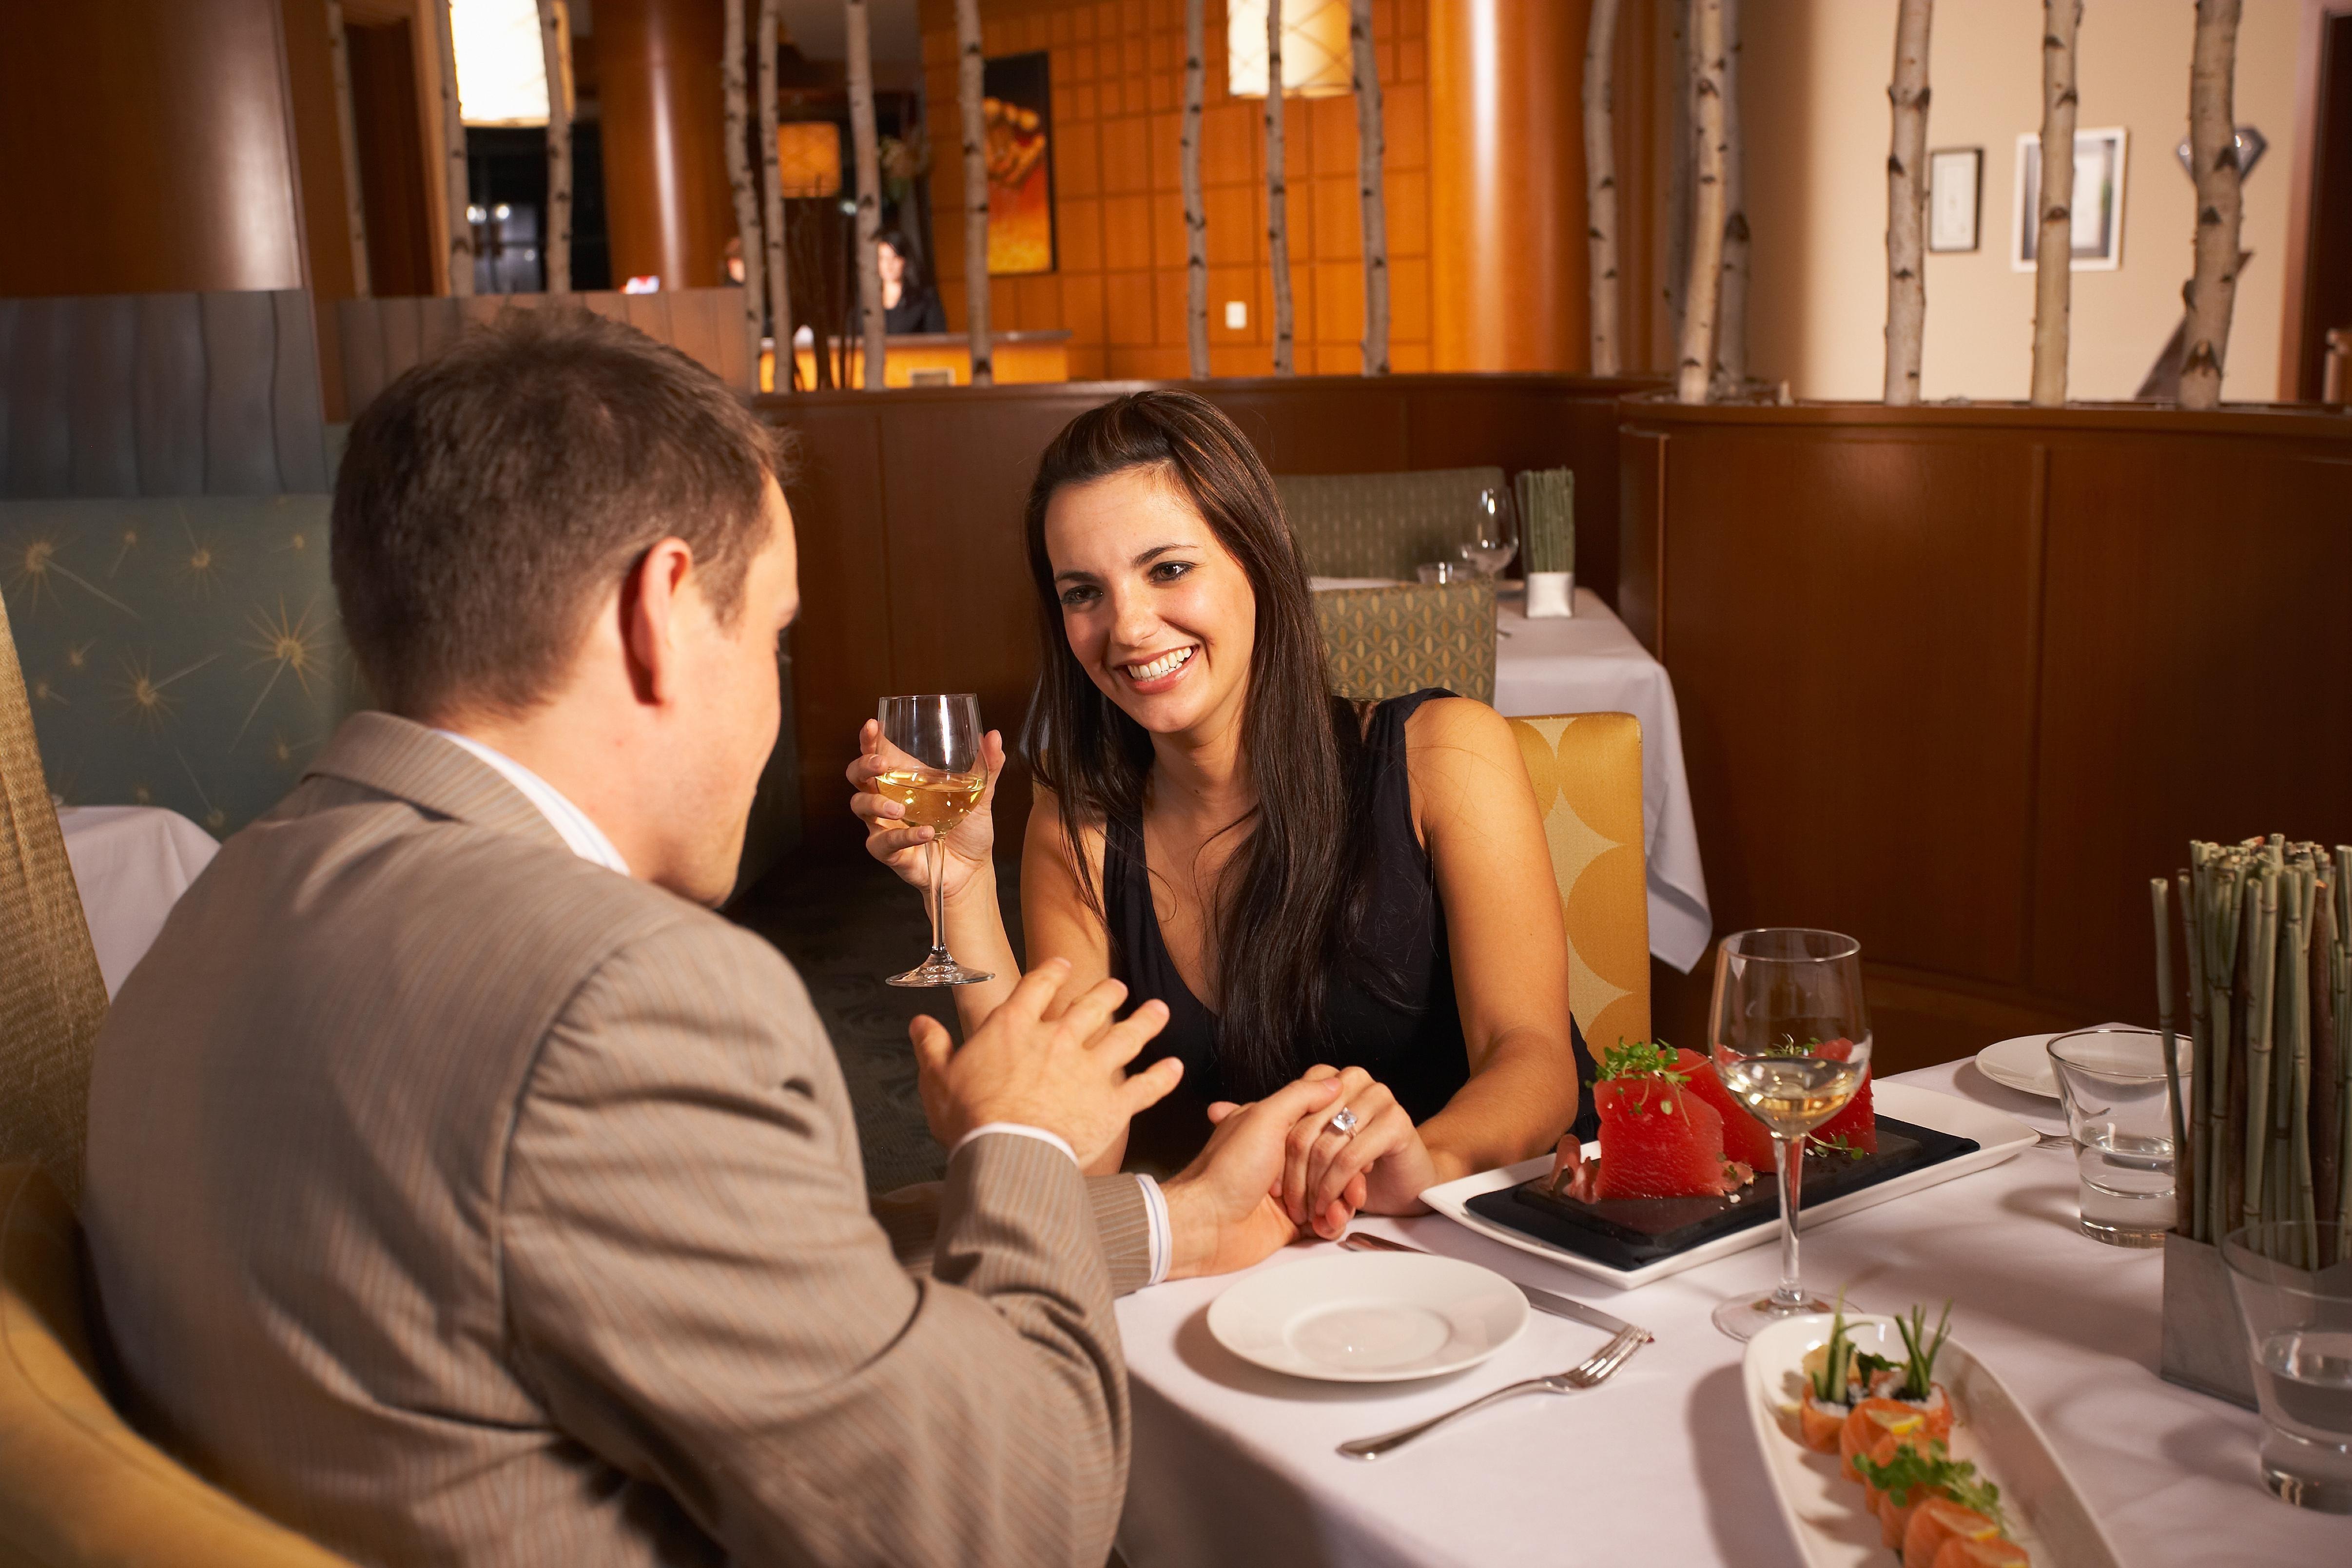 speed dating logan utah